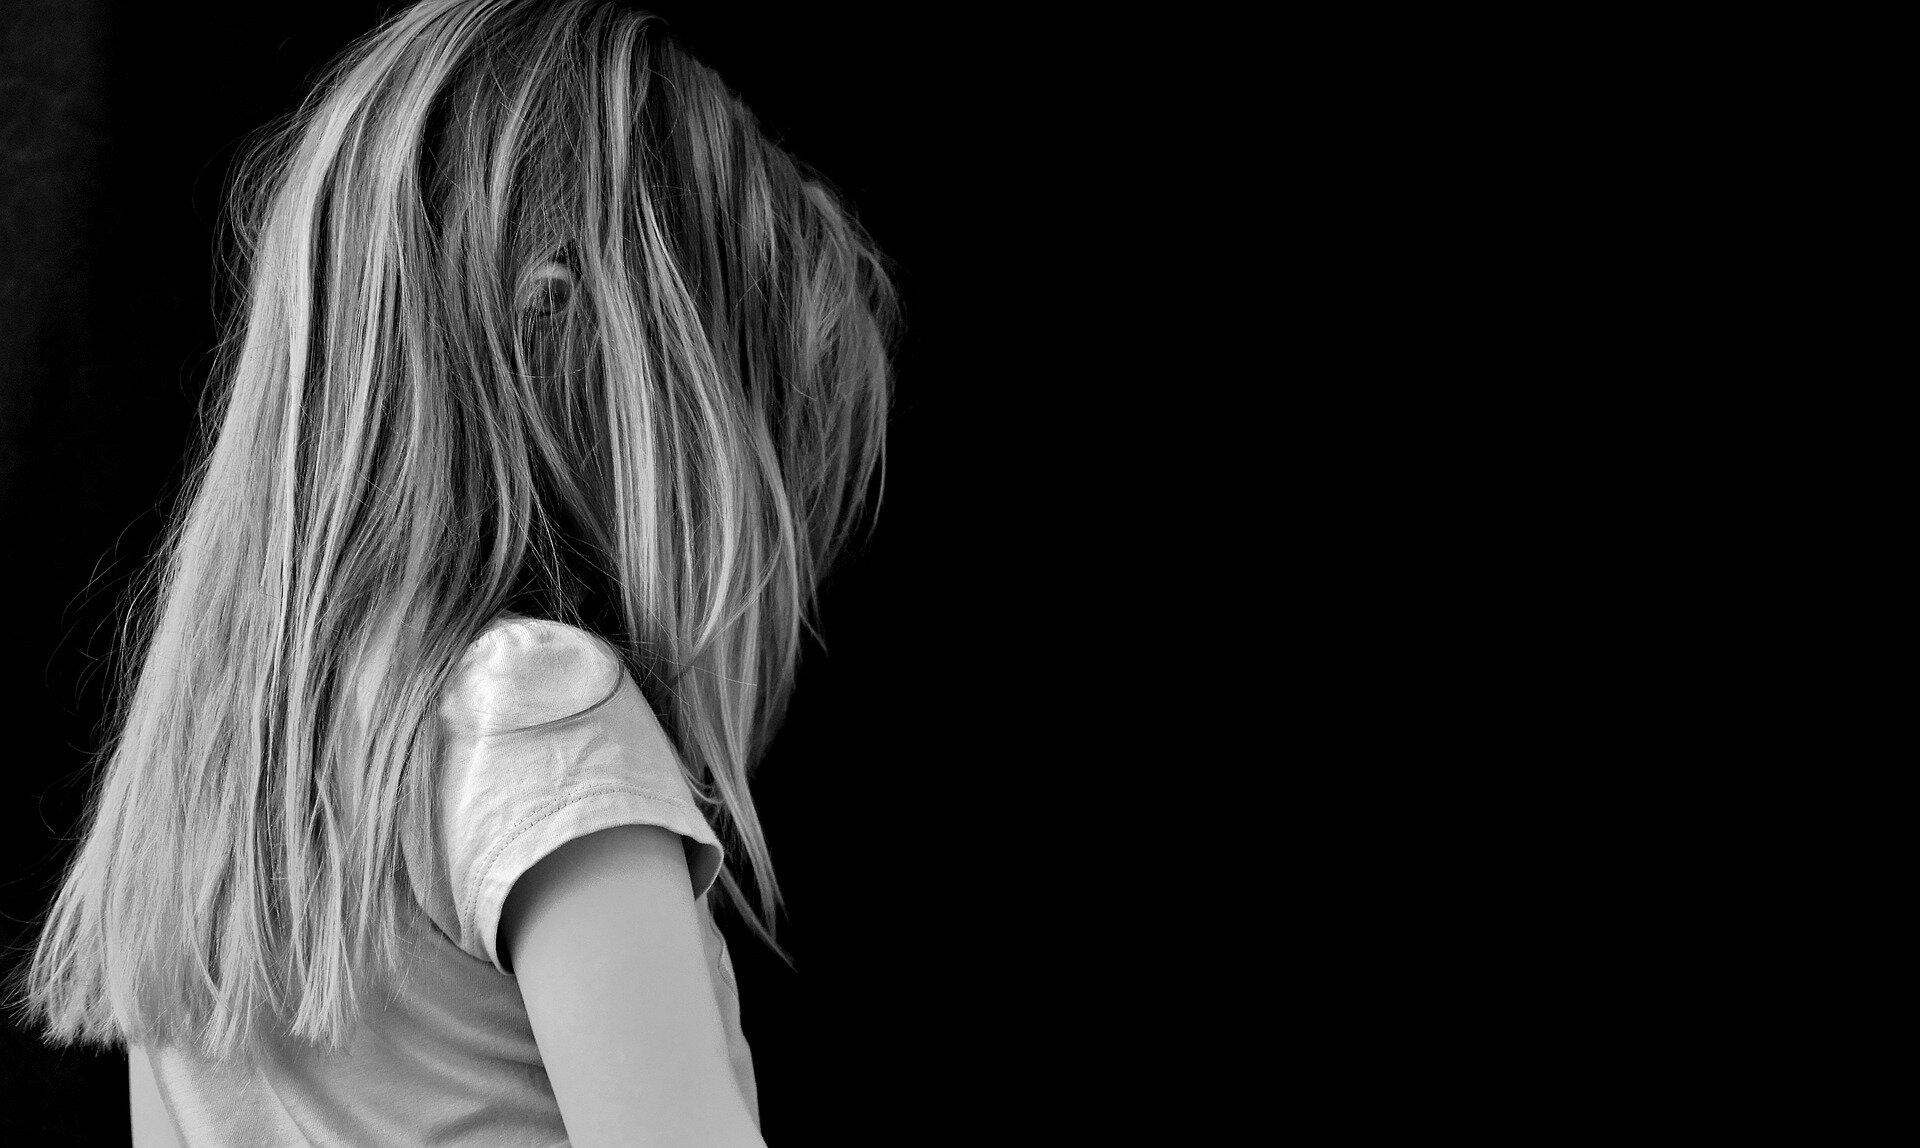 Indirekte schädliche Auswirkungen von COVID-19 an die Kinder und Jugendlichen, die psychische, die körperliche Gesundheit